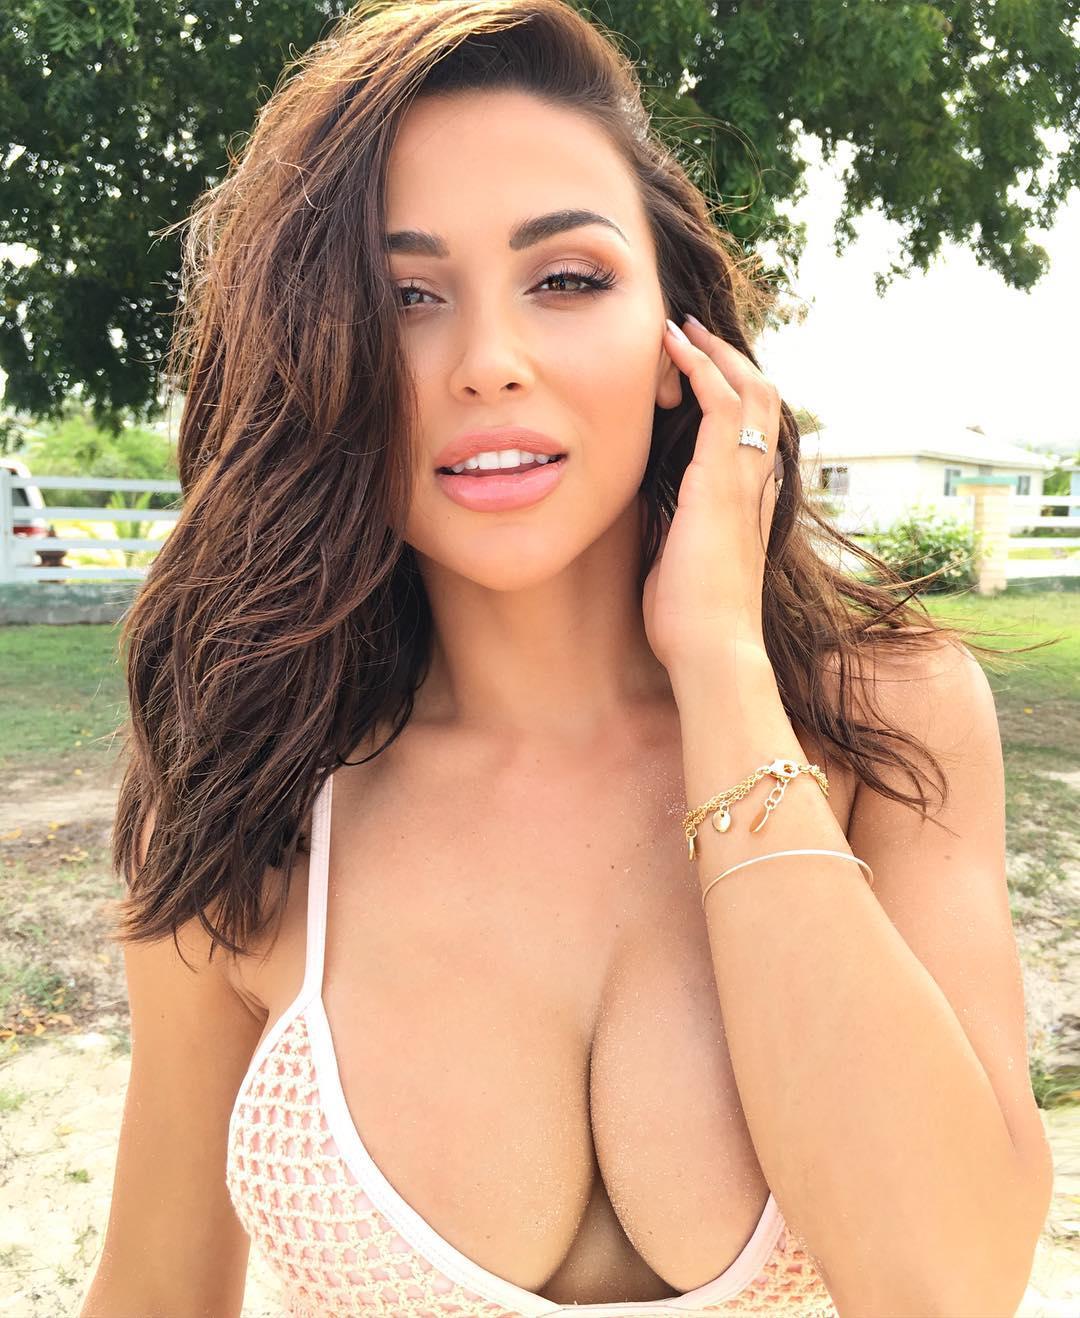 Ana Cheri Playboy ana cheri wikipedia | ana cheri height, weight, age, bio